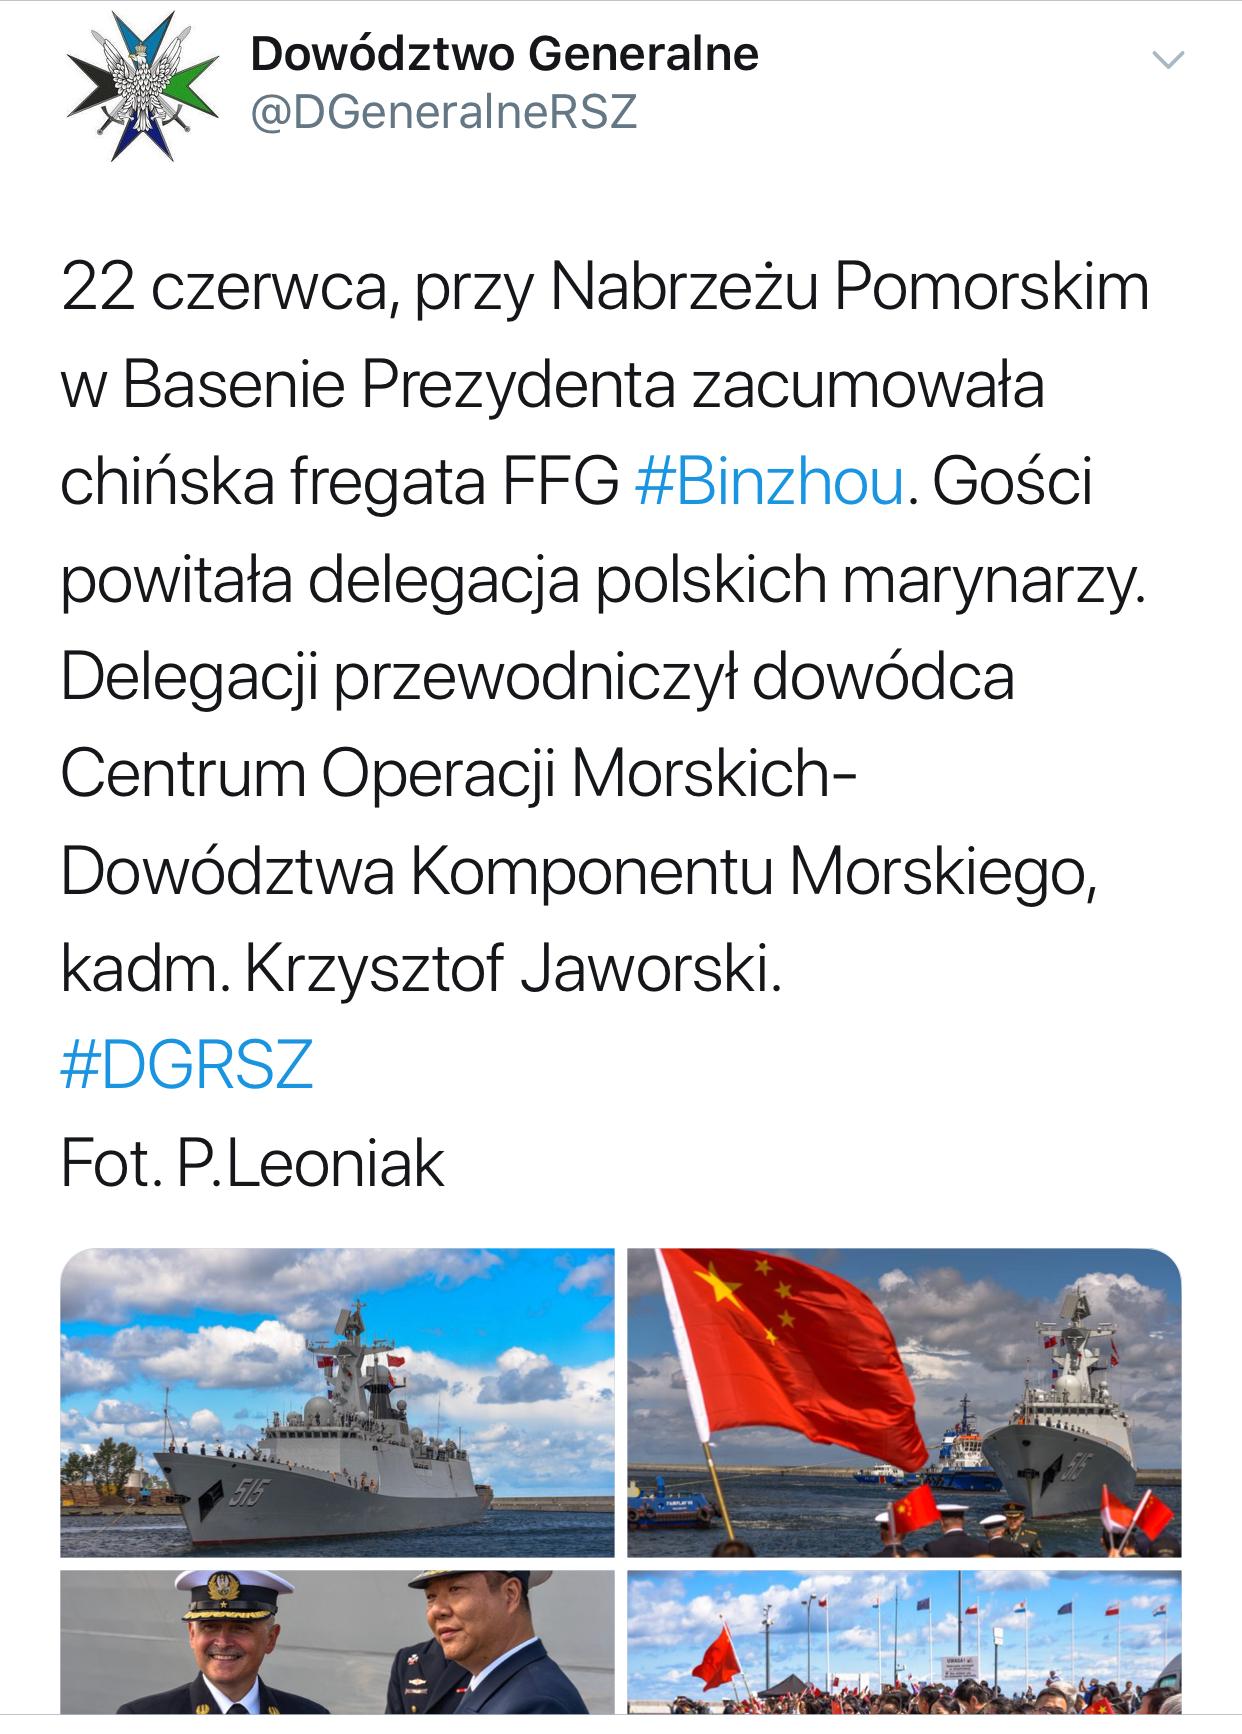 e591c9e8c5c28 Na Twitter Dowództwo Generalne Rodzajów Sił Zbrojnych pochwaliło się  uroczystym przywitaniem okręgu wojennego ludowowyzwoleńczej armii  komunistycznych Chin ...